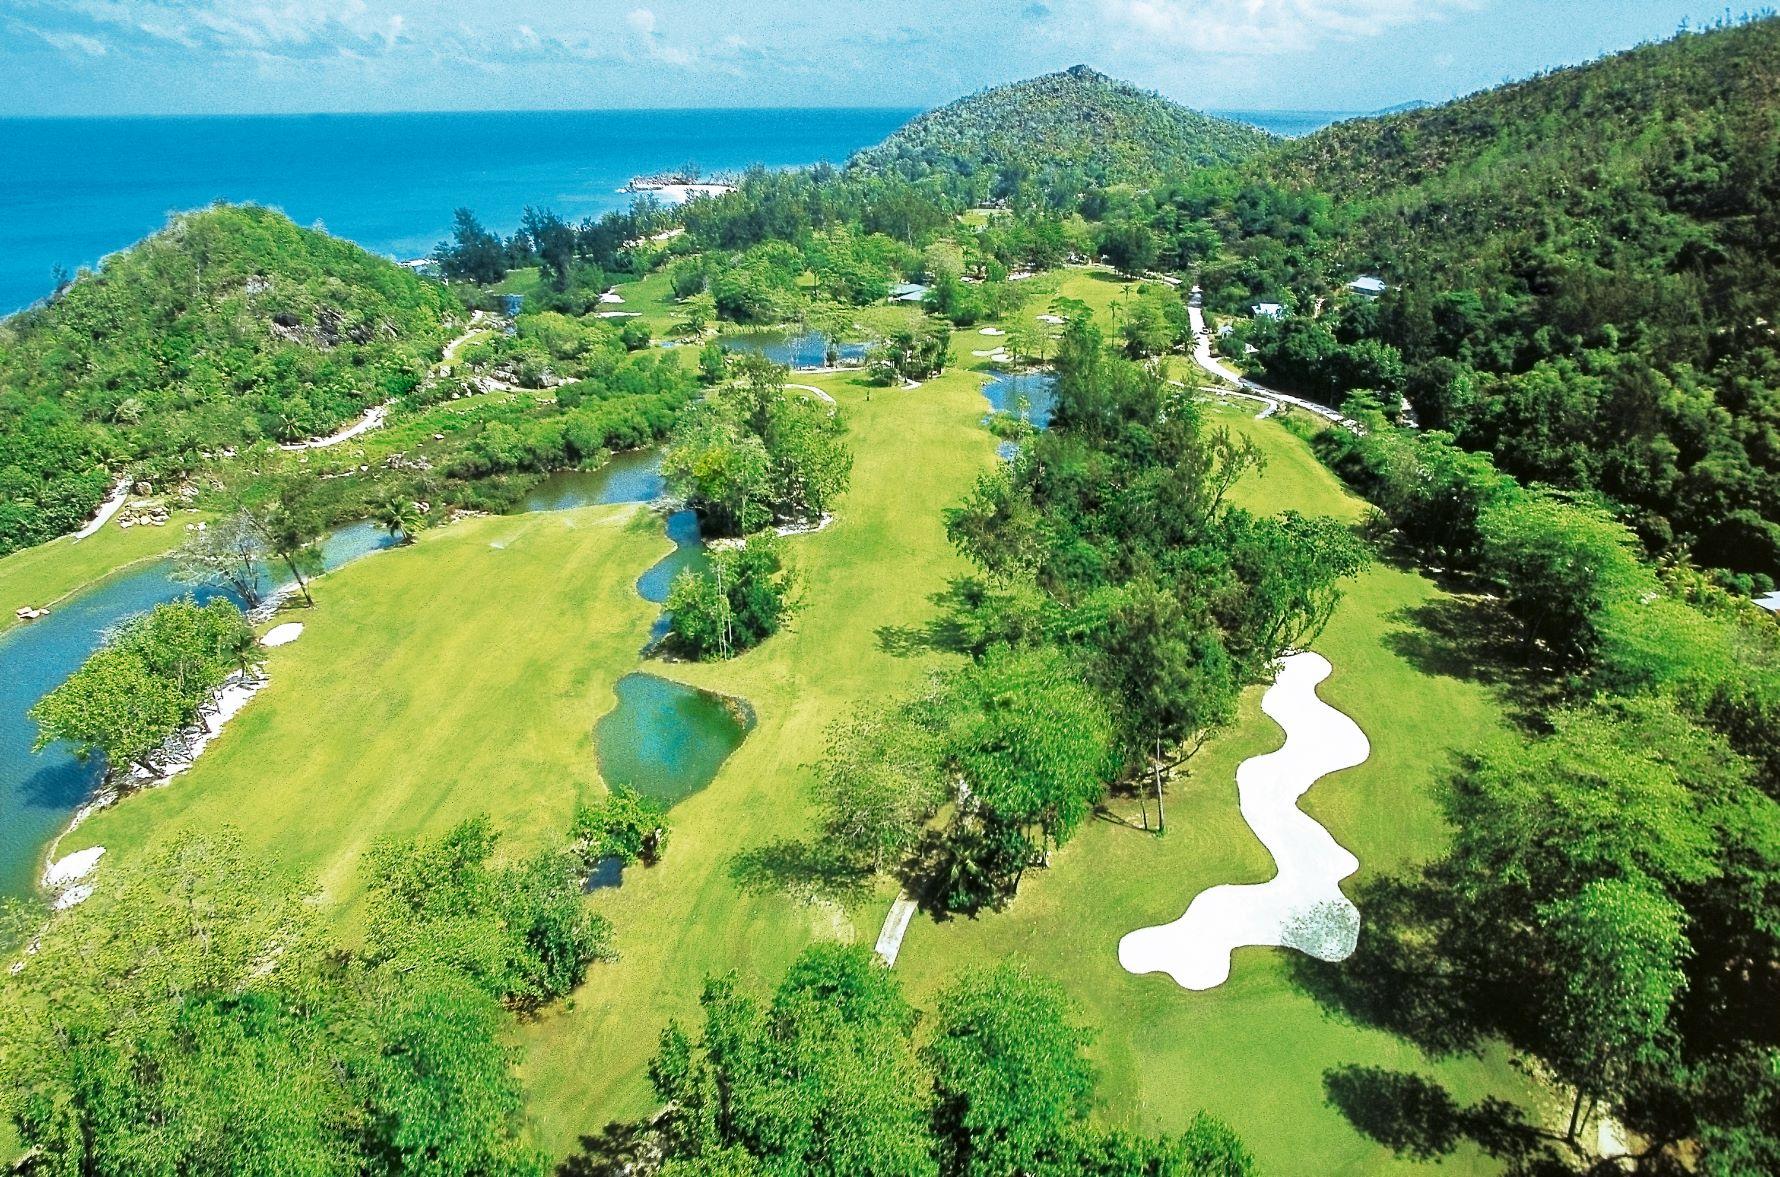 lemuria-seychelles-aerial-view-3_hd1